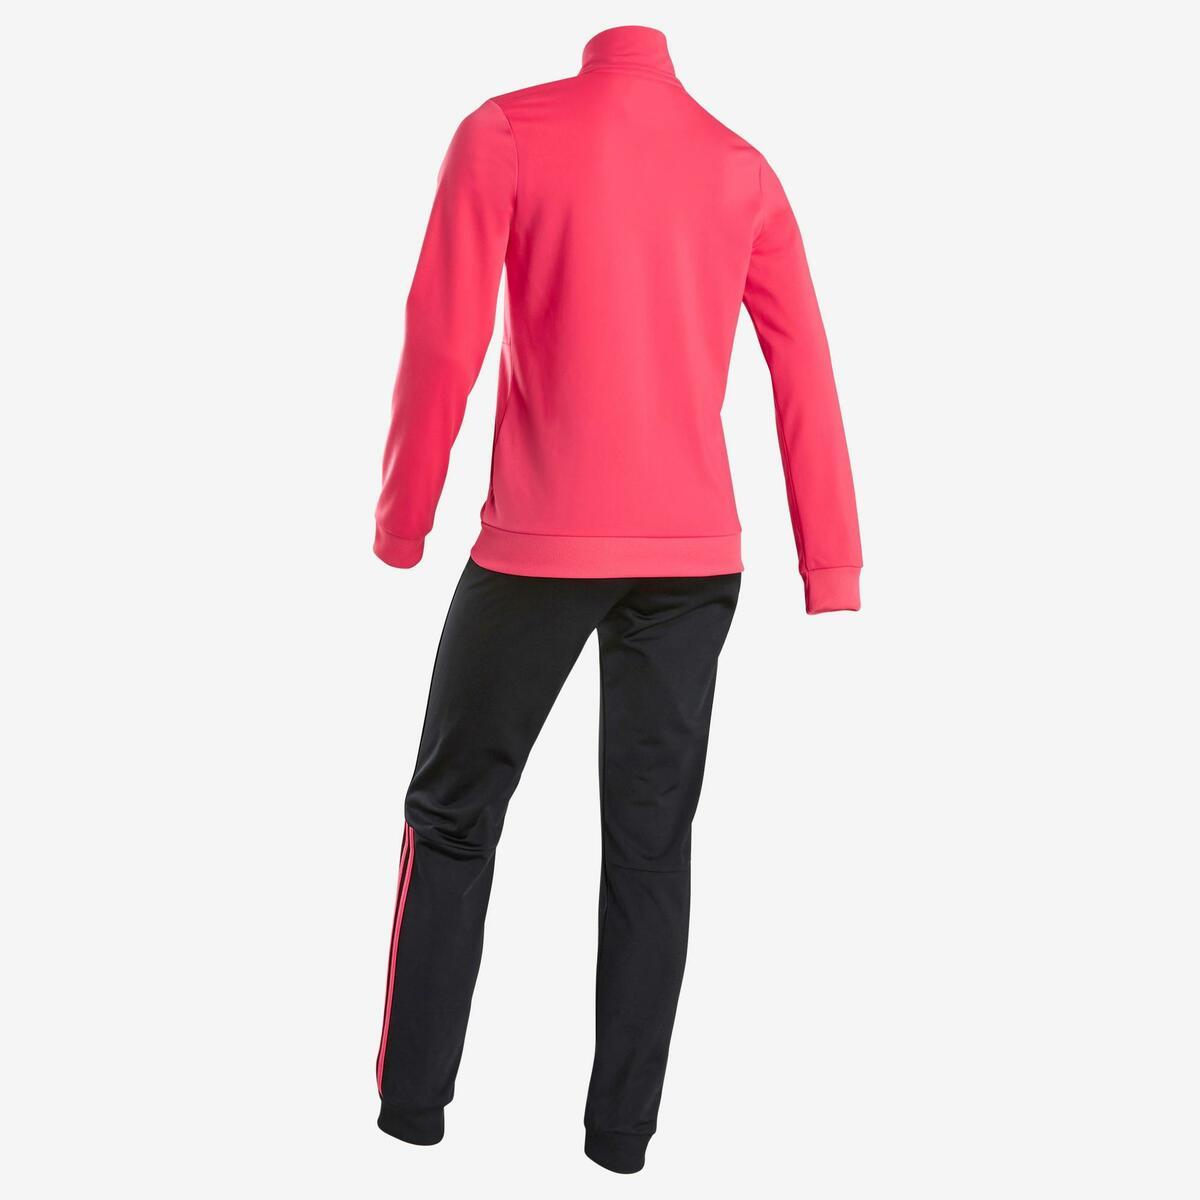 Bild 3 von Trainingsanzug Logo auf der Brust Kinder rosa